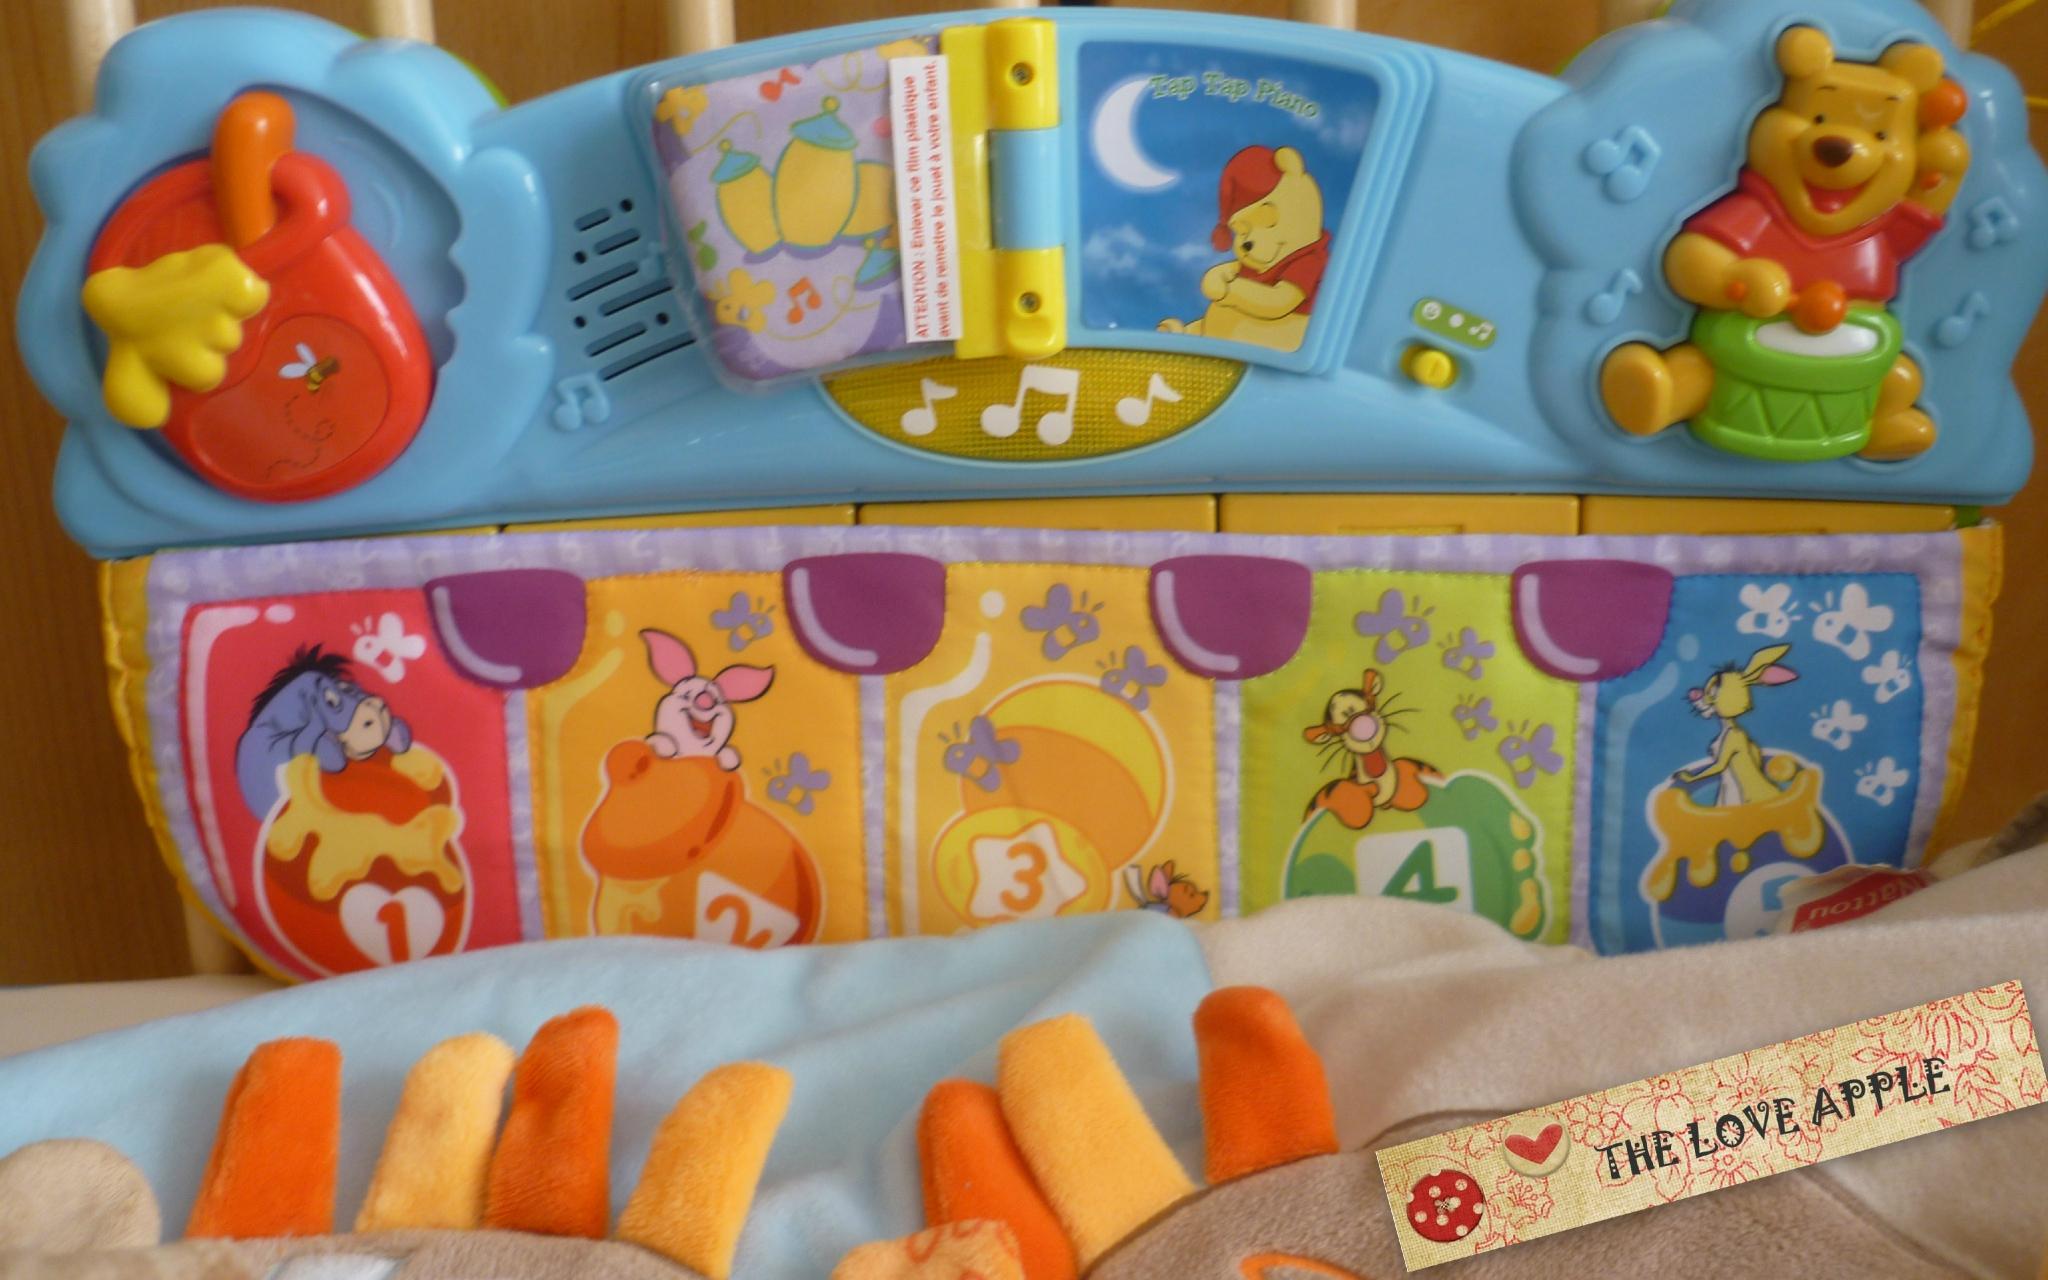 Le Tap Tap Piano : Un Jeu D'éveil - À Partir De 3 Mois - The tout Jeux D Eveil Bébé 2 Mois